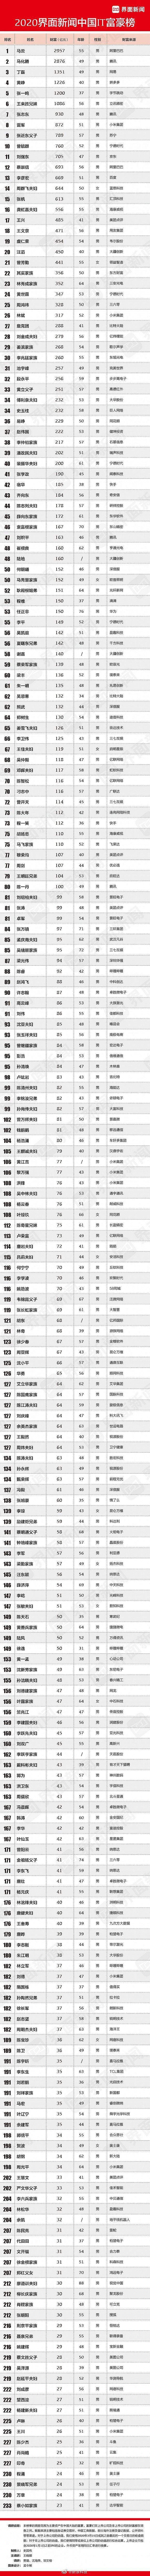 界面2020中国IT富豪榜:马云、马化腾、丁磊位列前三